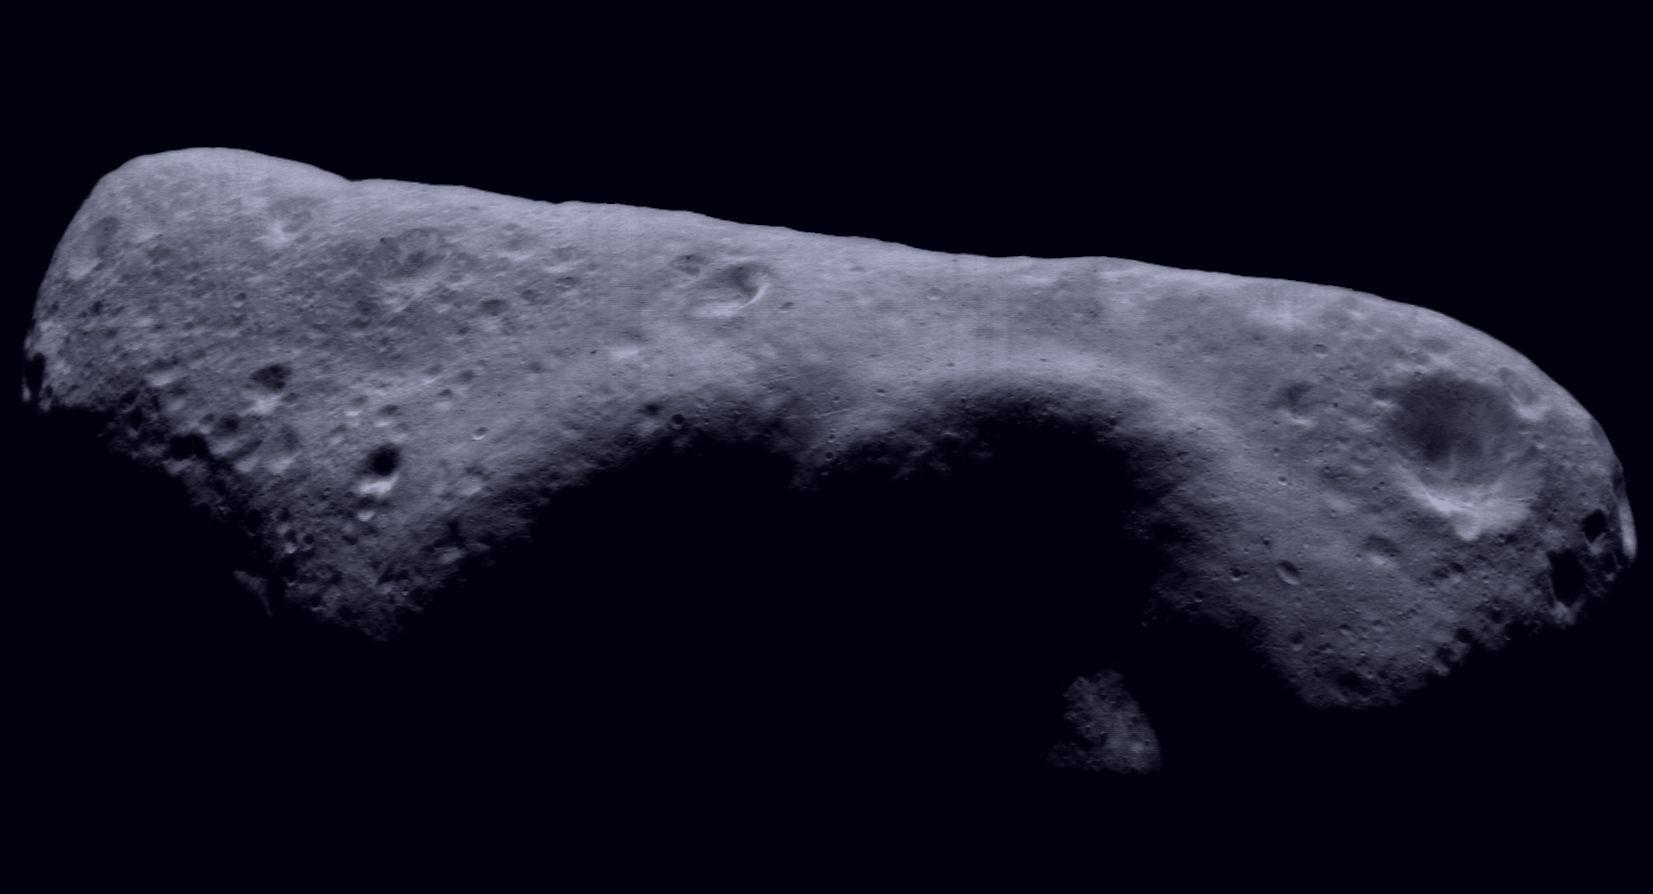 2004 mn4 apophis asteroid - photo #32